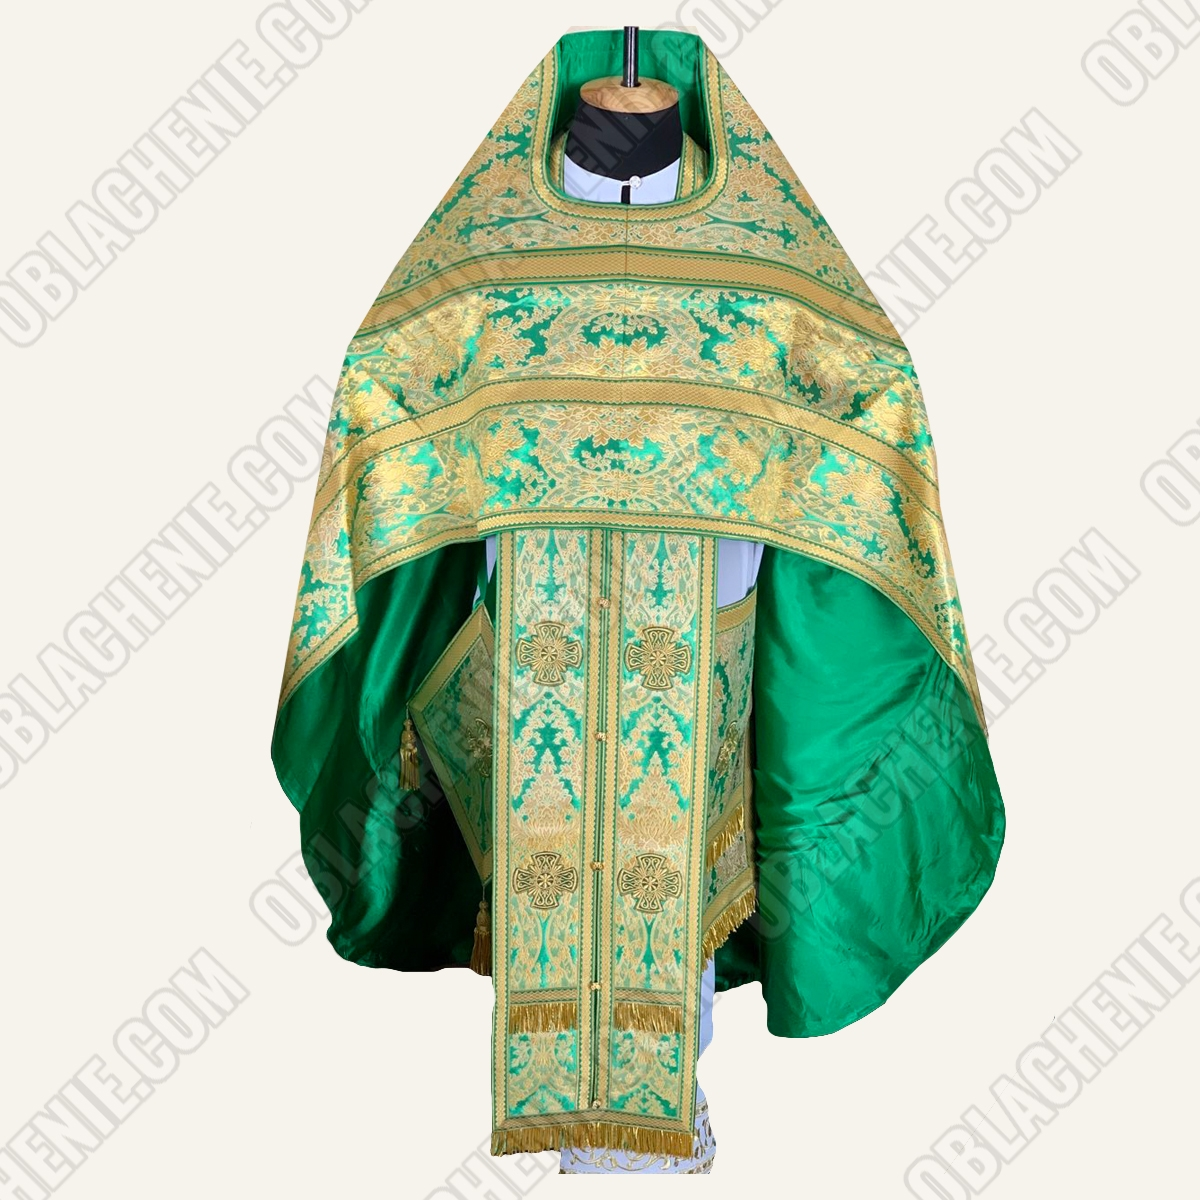 PRIEST'S VESTMENTS 11172